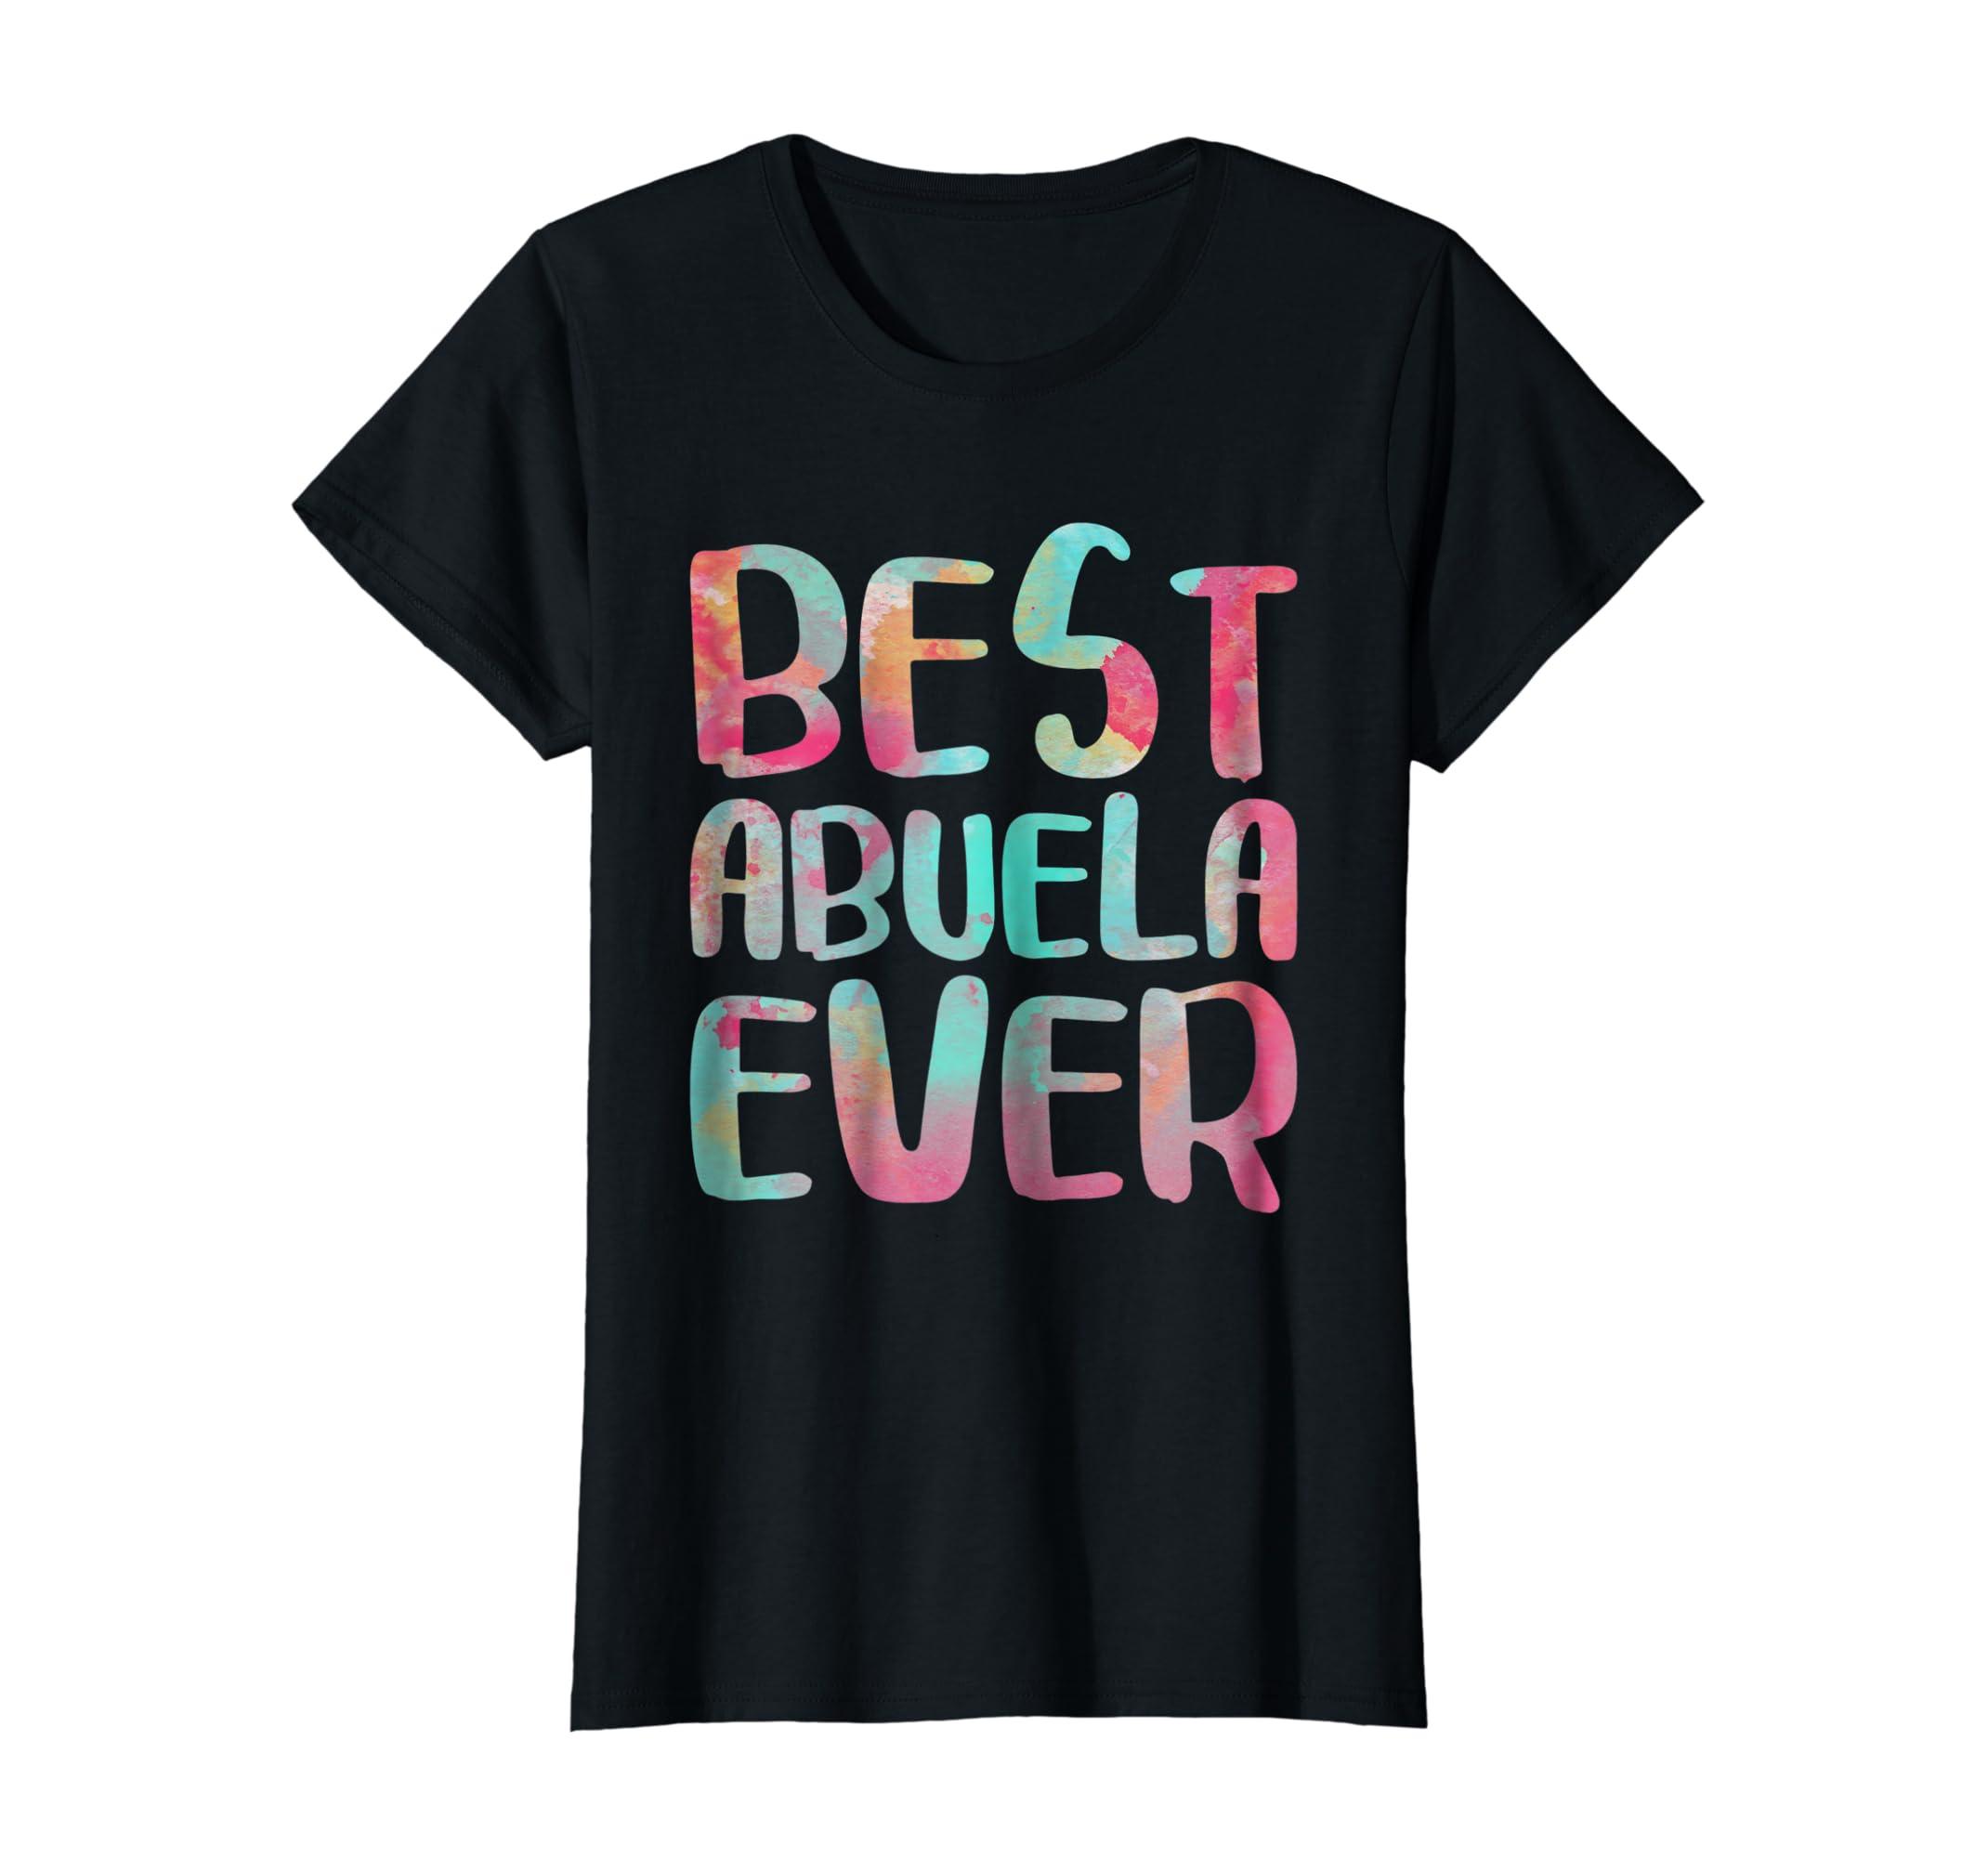 Womens Best Abuela Ever T-Shirt Spanish Grandmother Gift Shirt-Awarplus